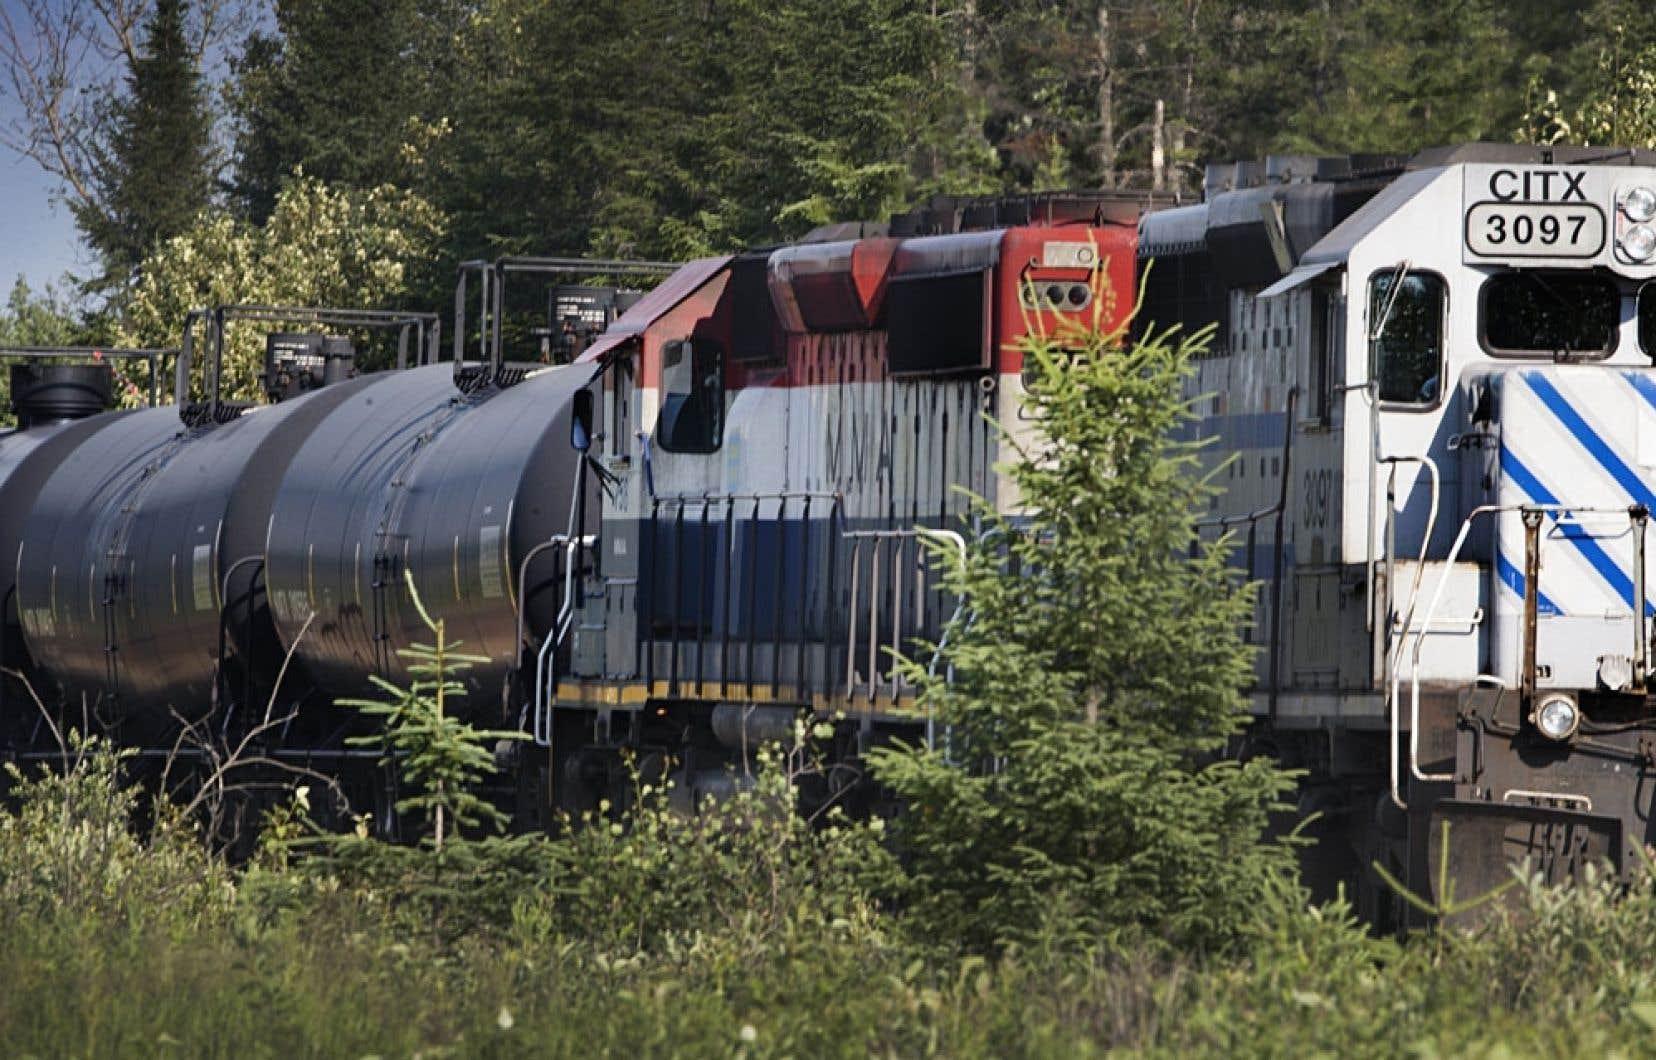 Entre 2007 et 2011, 27 accidents ont été répertoriés lors de transports par train de matières dangereuses.